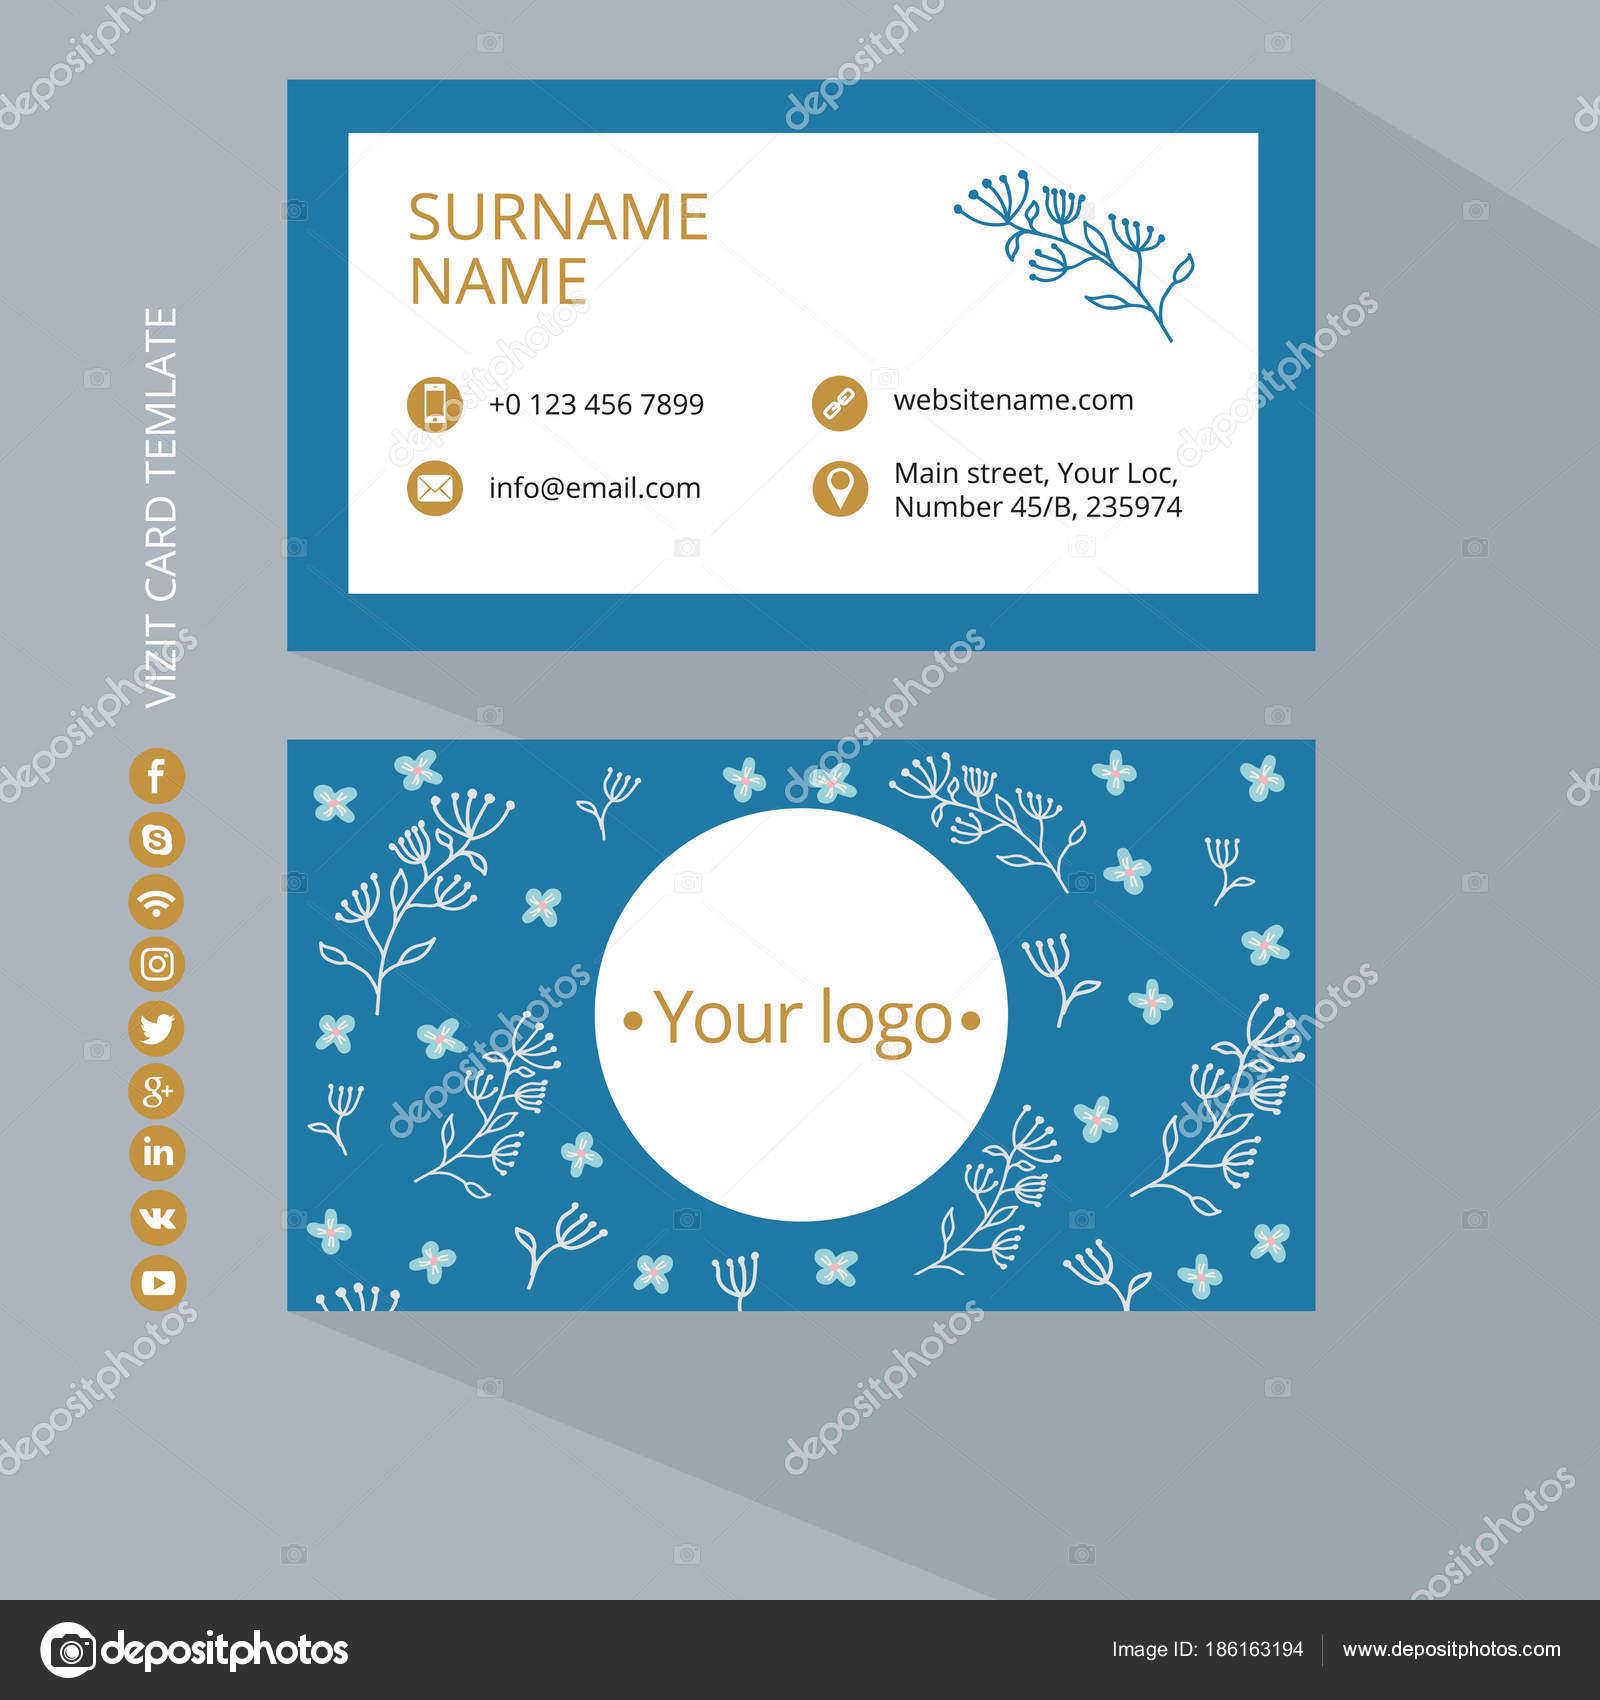 Visitenkarten Druckvorlage Mit Icons Von Sozialen Netzwerken Farben ...